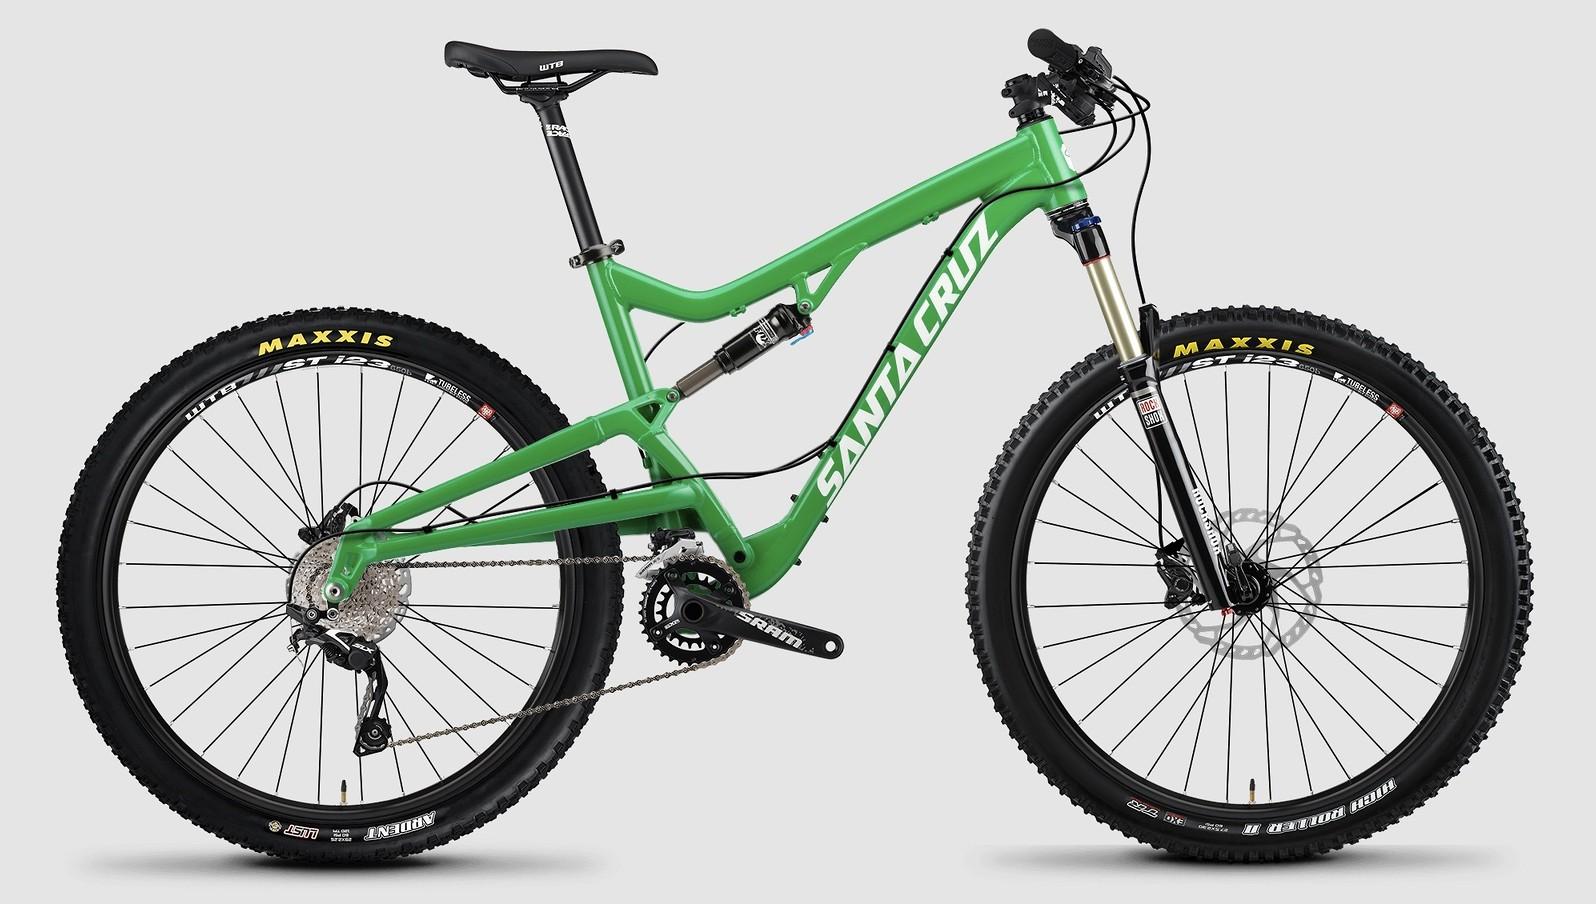 2015 Santa Cruz Bantam D bike - green